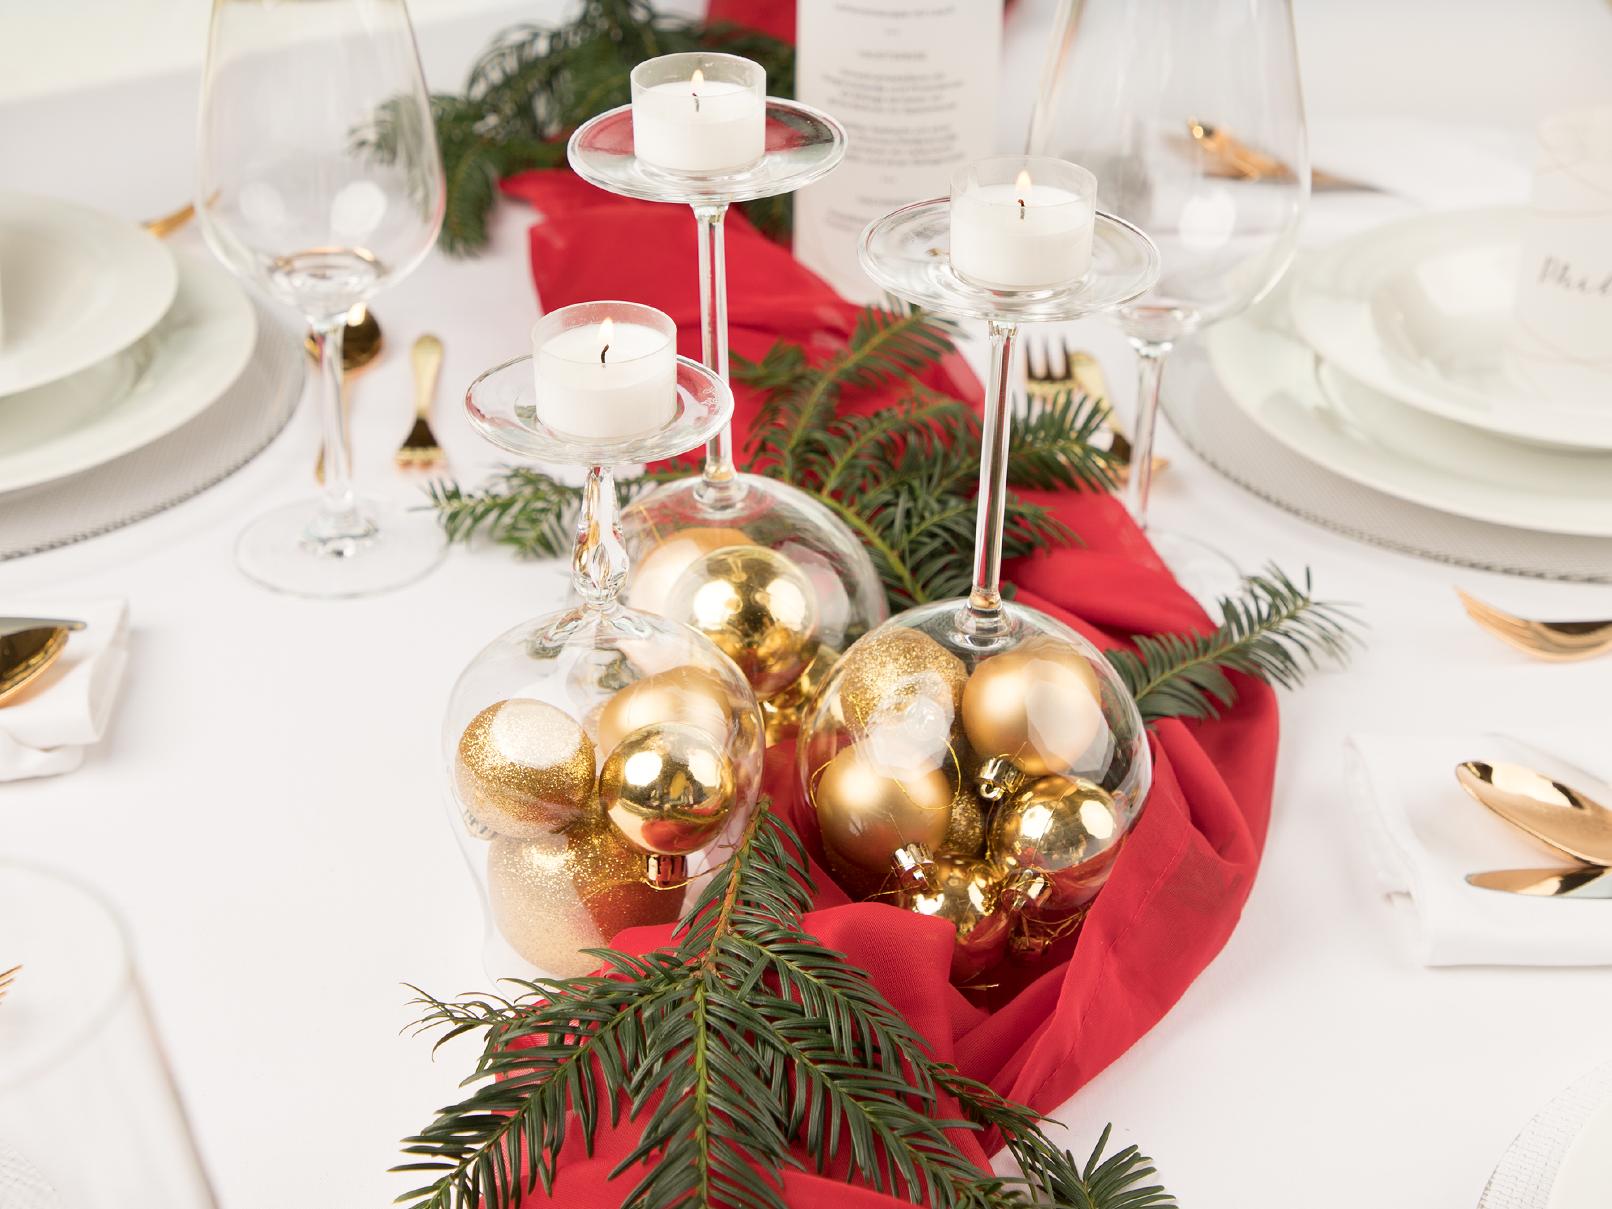 Schnelle Tischdeko zu Weihnachten in Rot und Gold